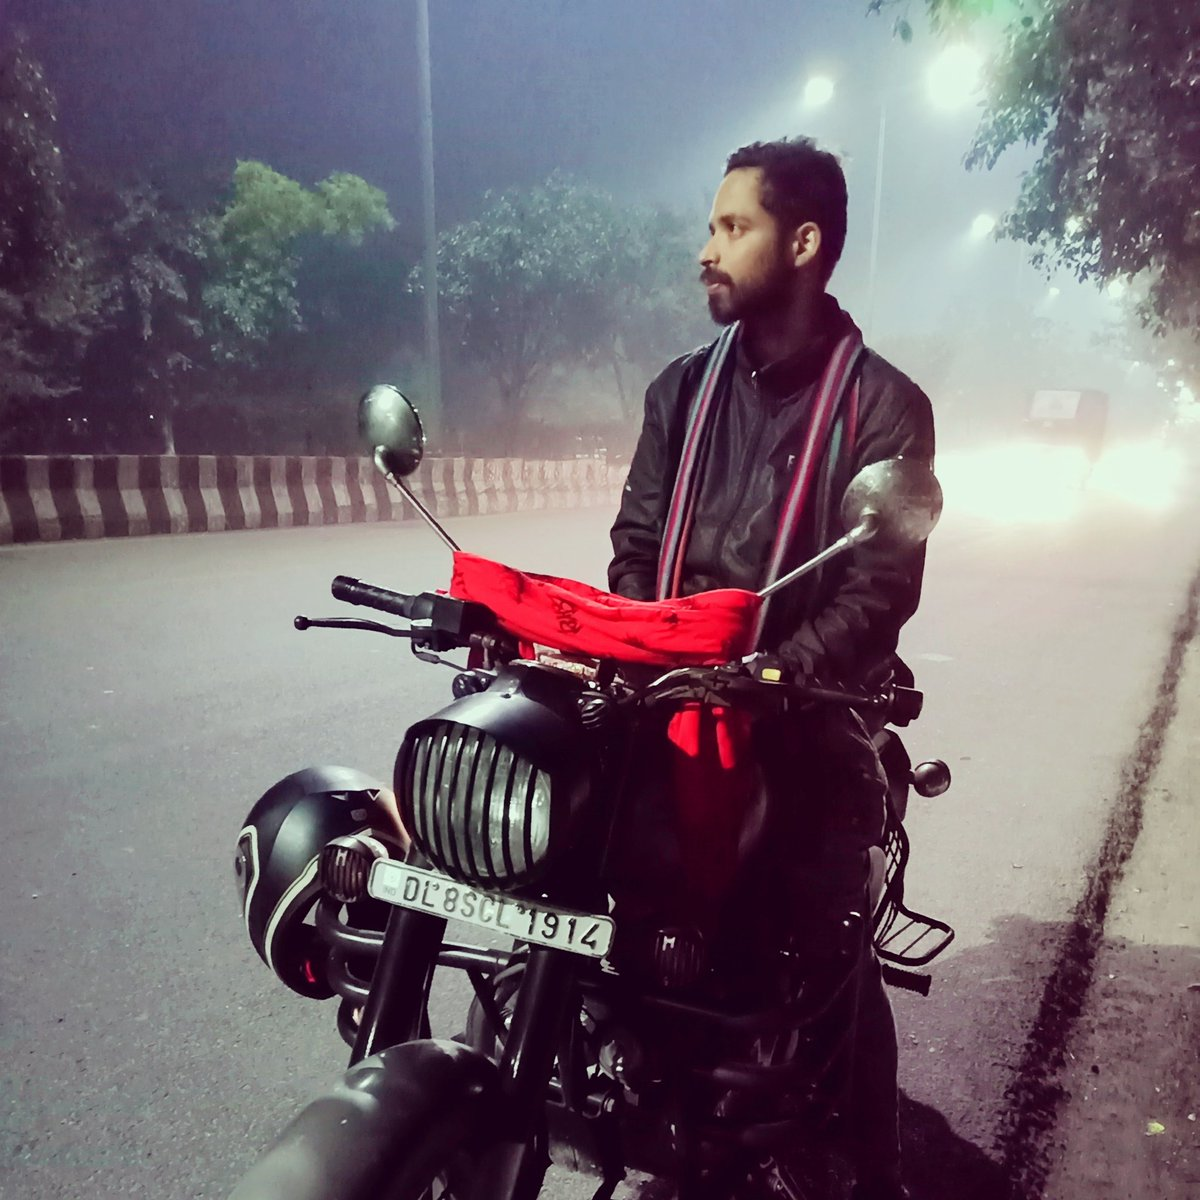 Delhi's winter.....#nightride #delhi #winternails #winterdays  #wintersolsticepic.twitter.com/xTGIsVLMcb